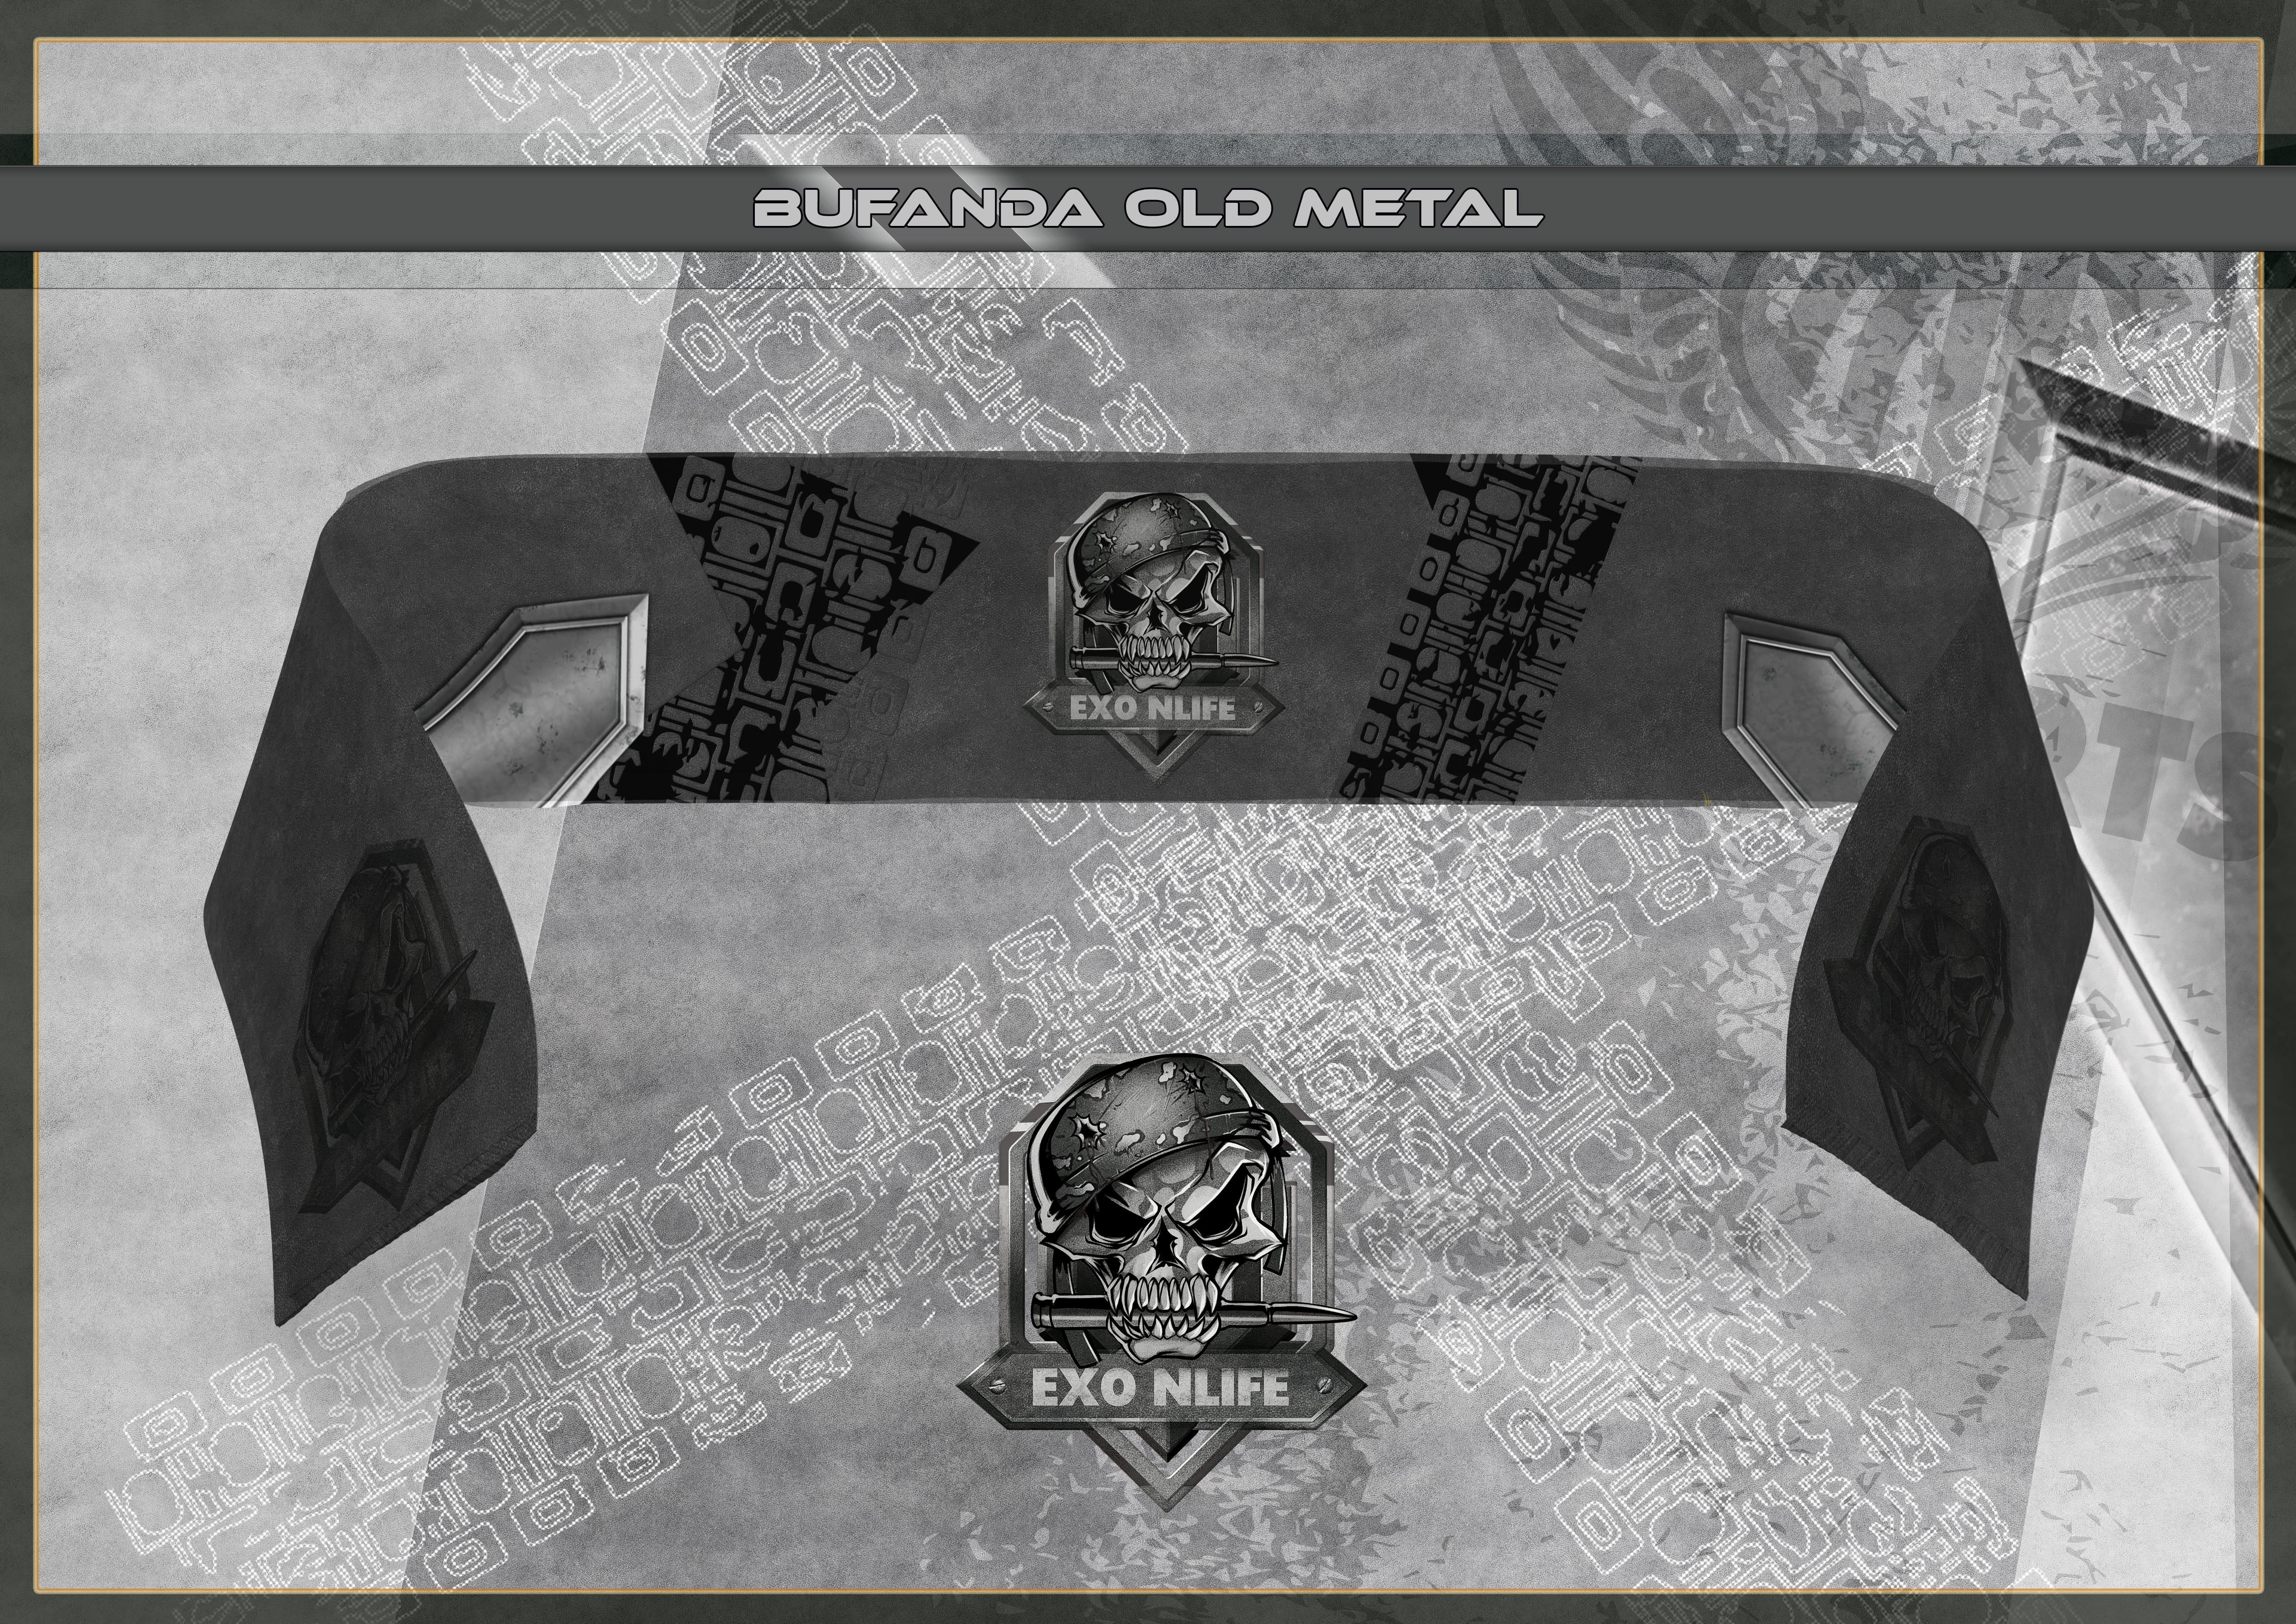 Bufanda Old Metal